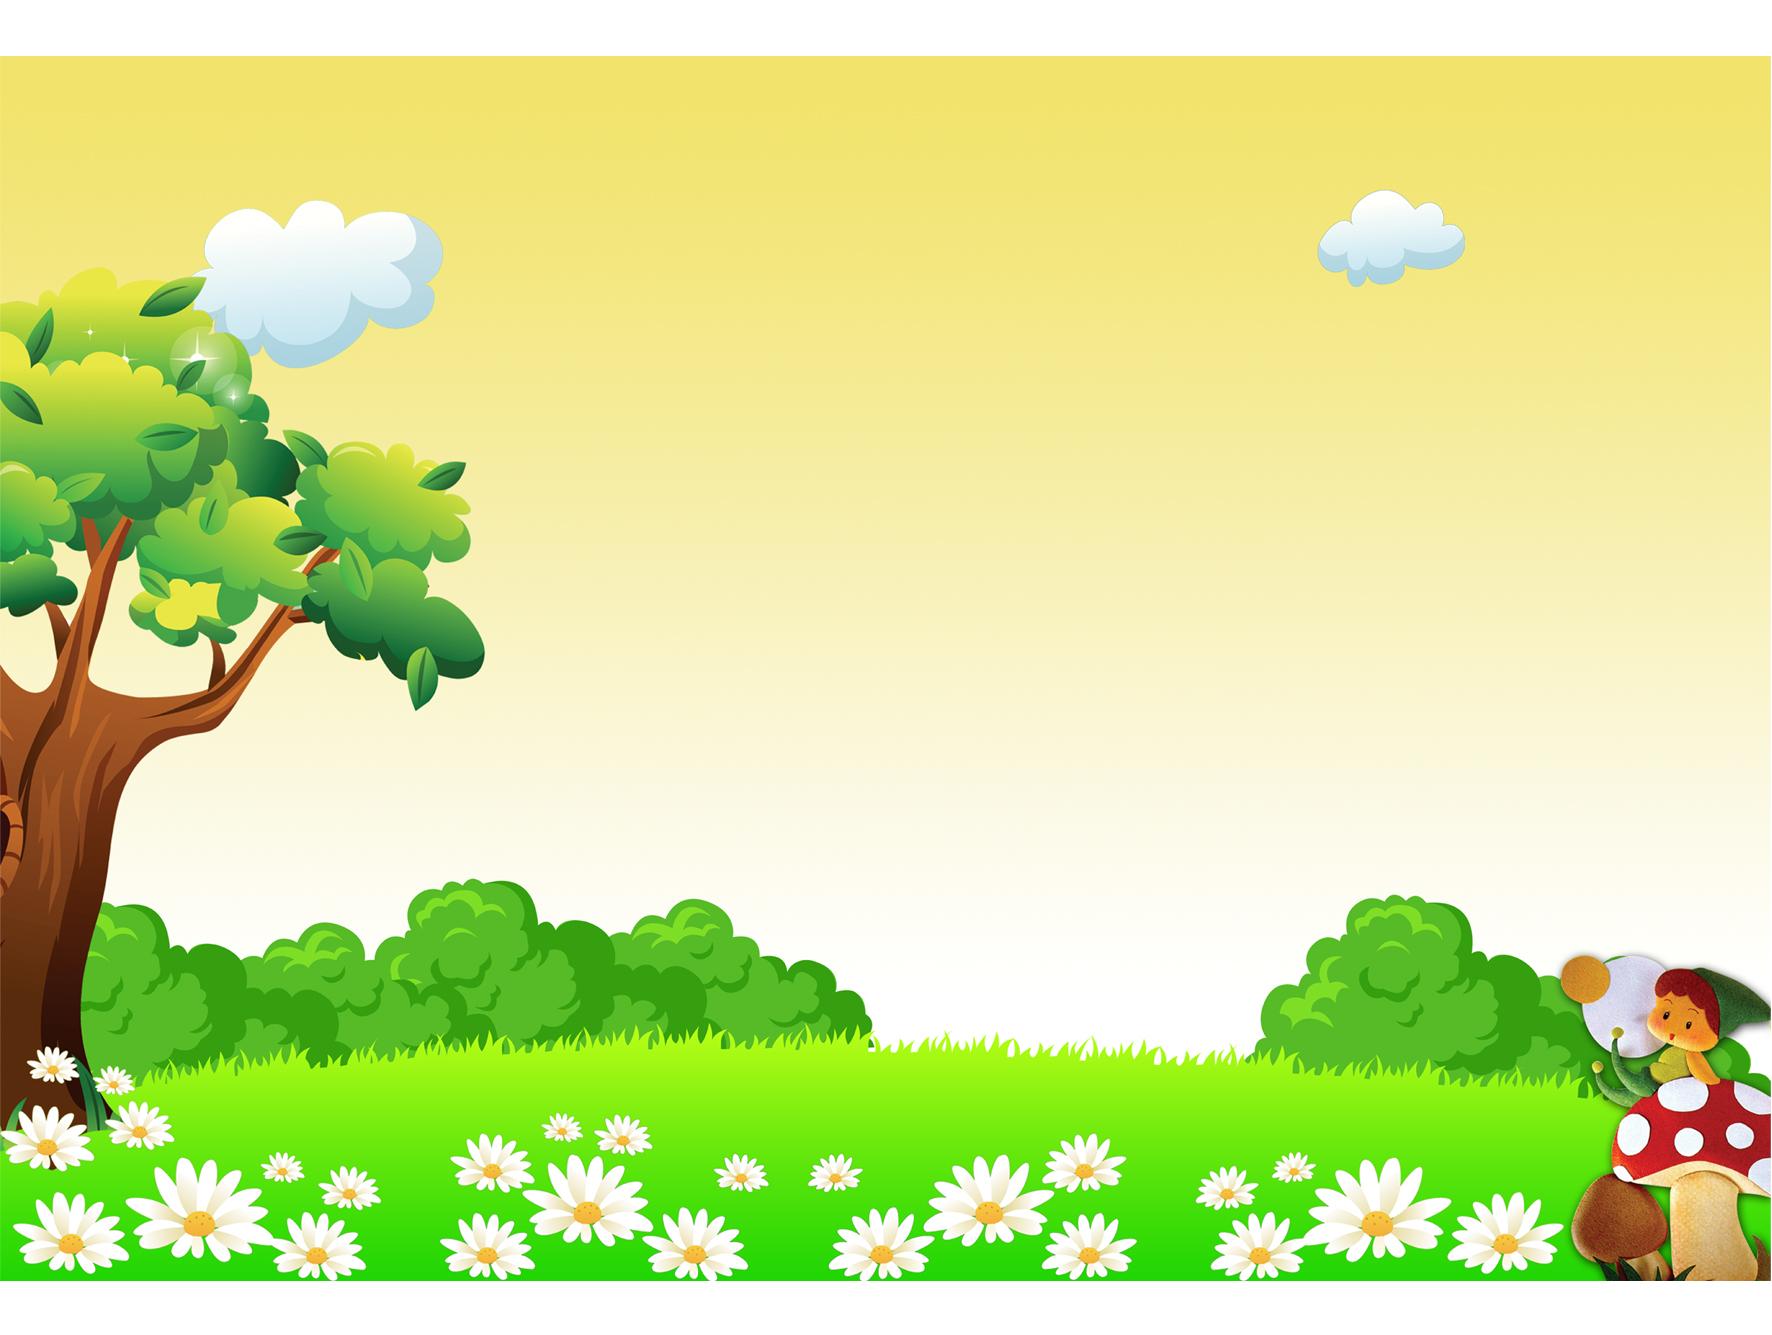 幼儿背景 卡通背景  卡通大树